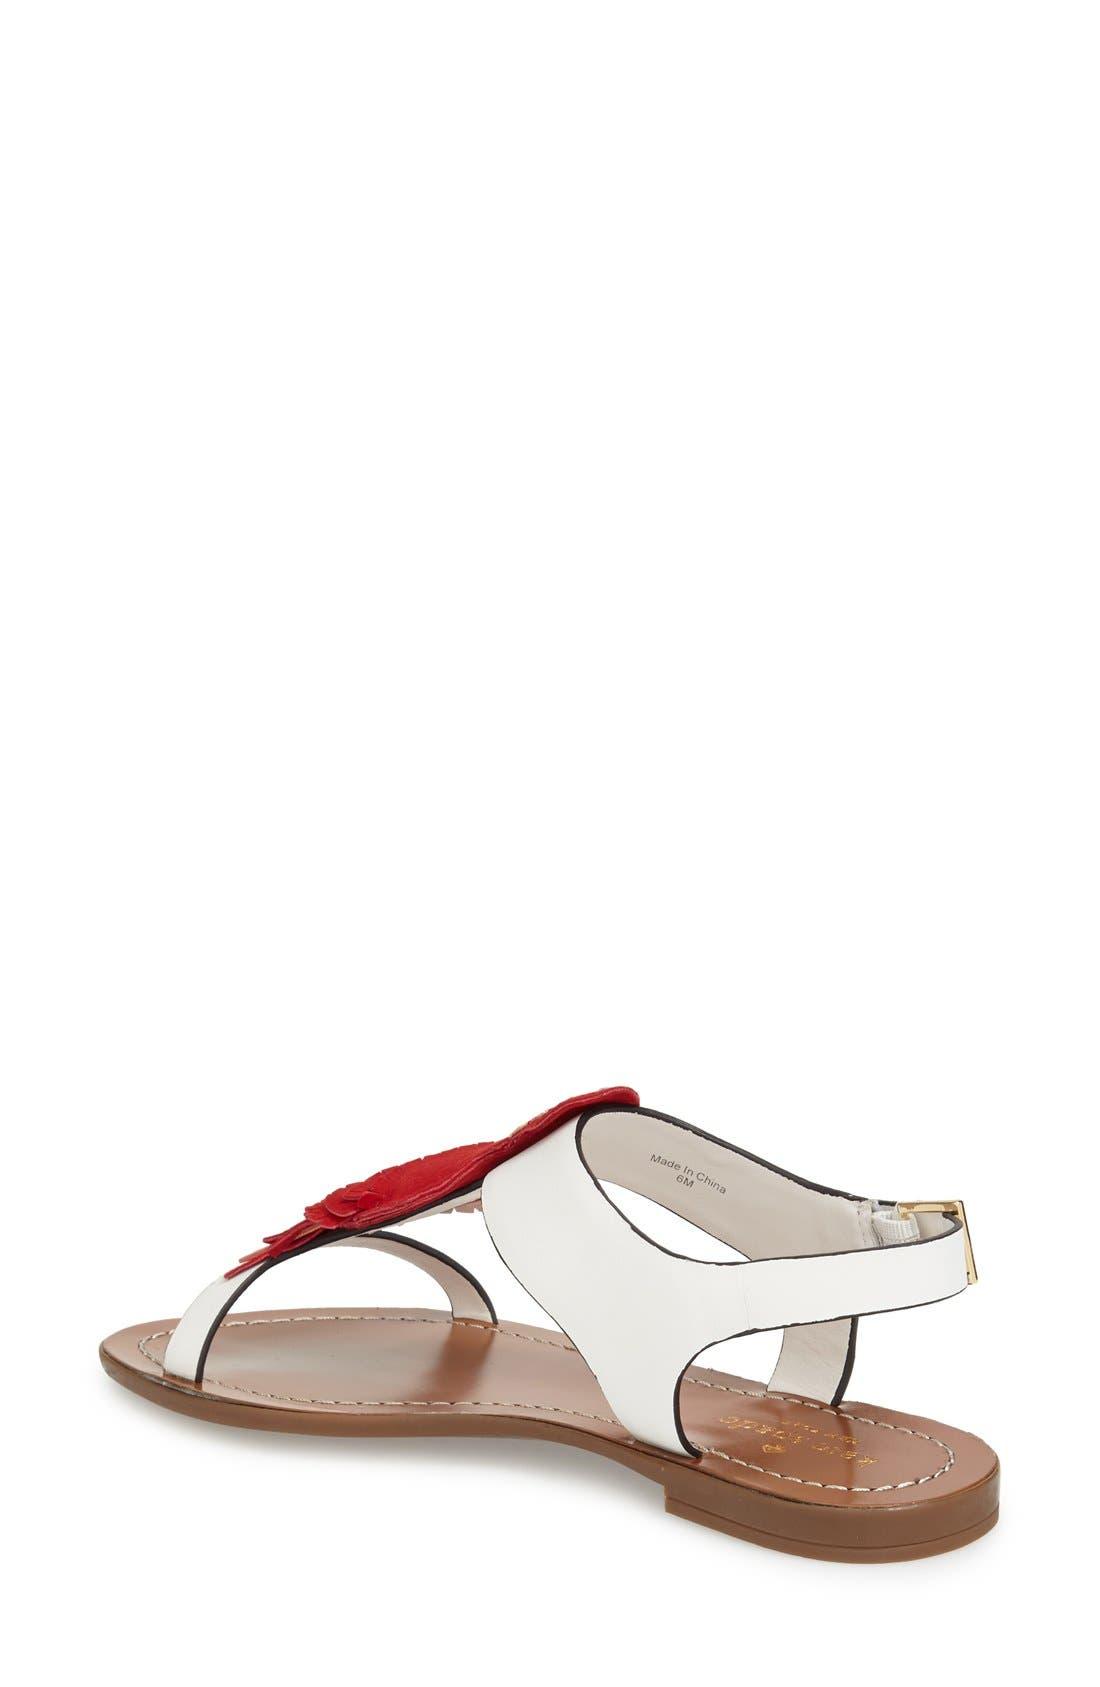 Alternate Image 2  - kate spade new york 'charlie' sandal (Women)